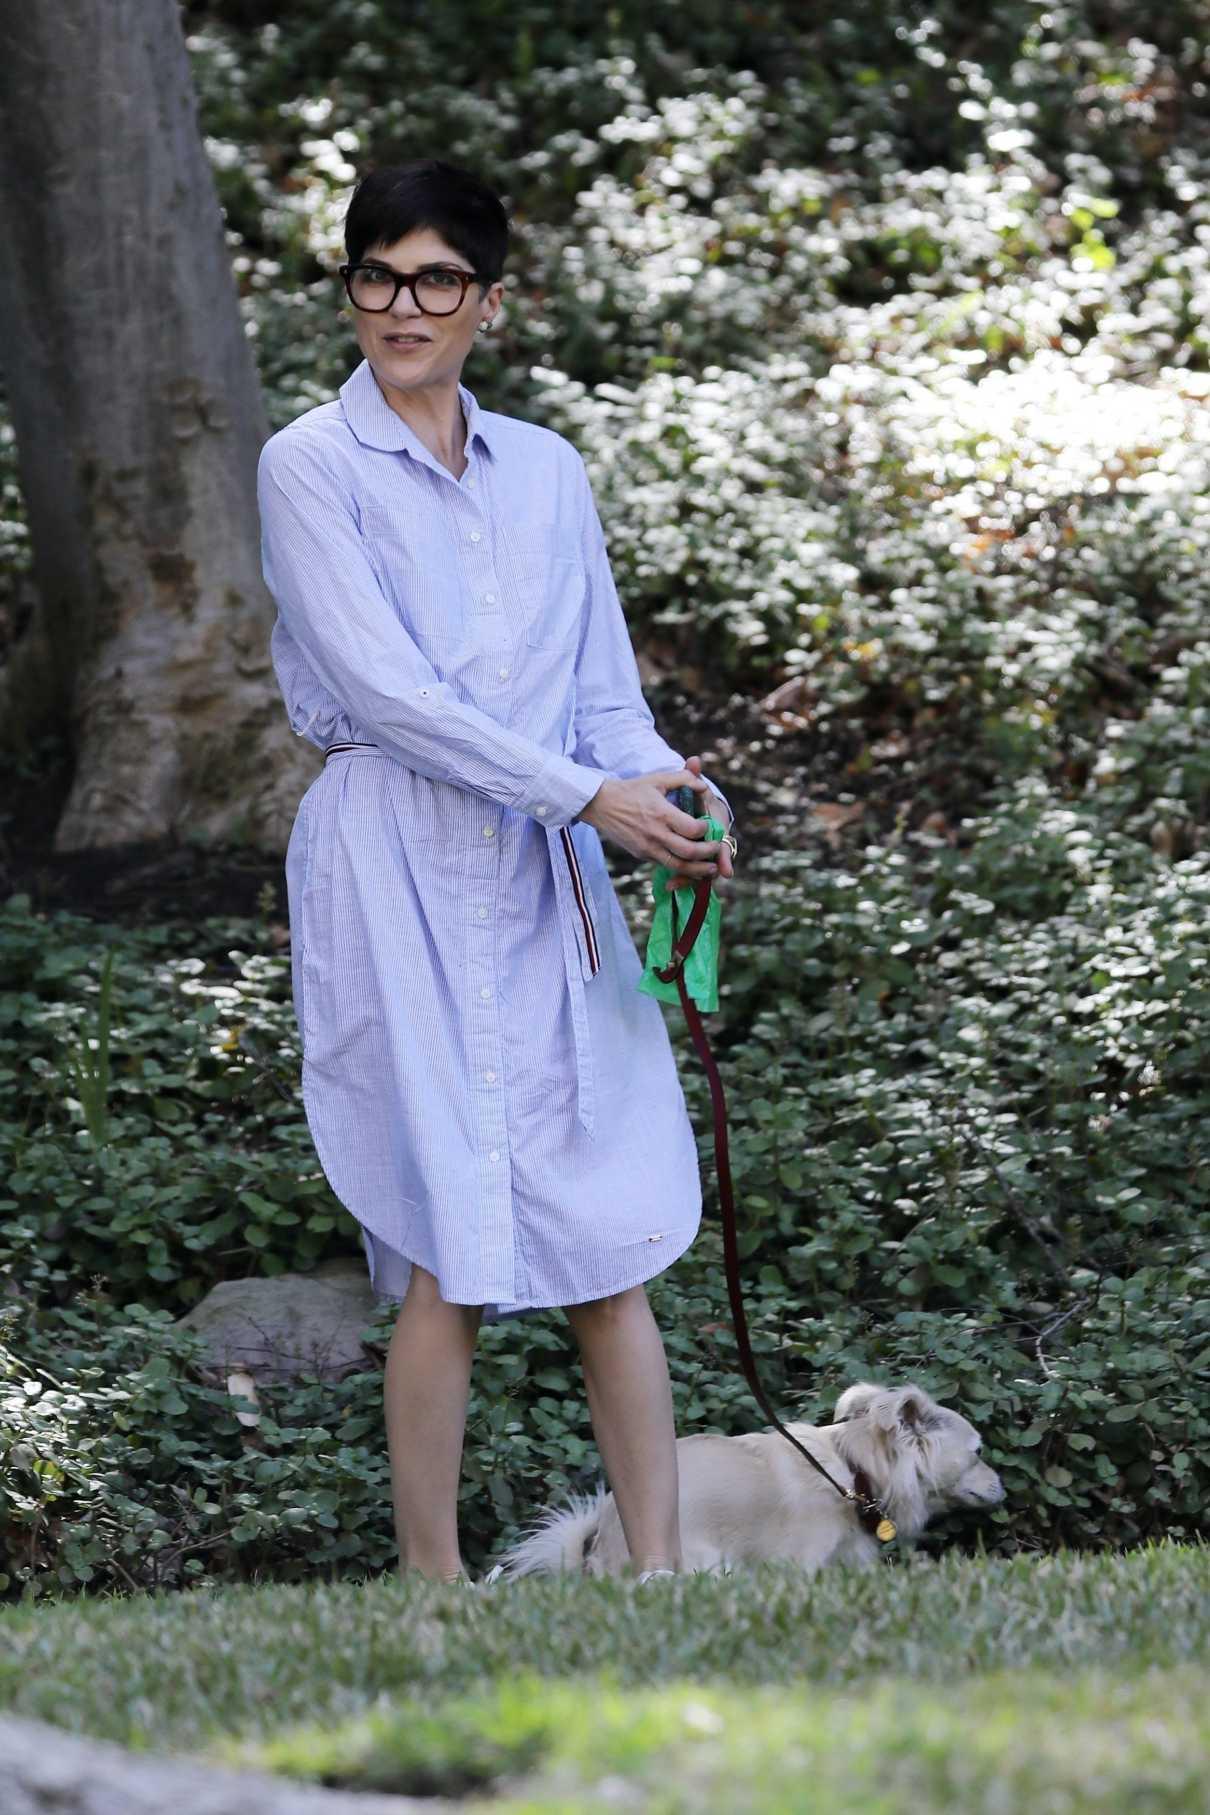 Selma Blair in a Lilac Dress